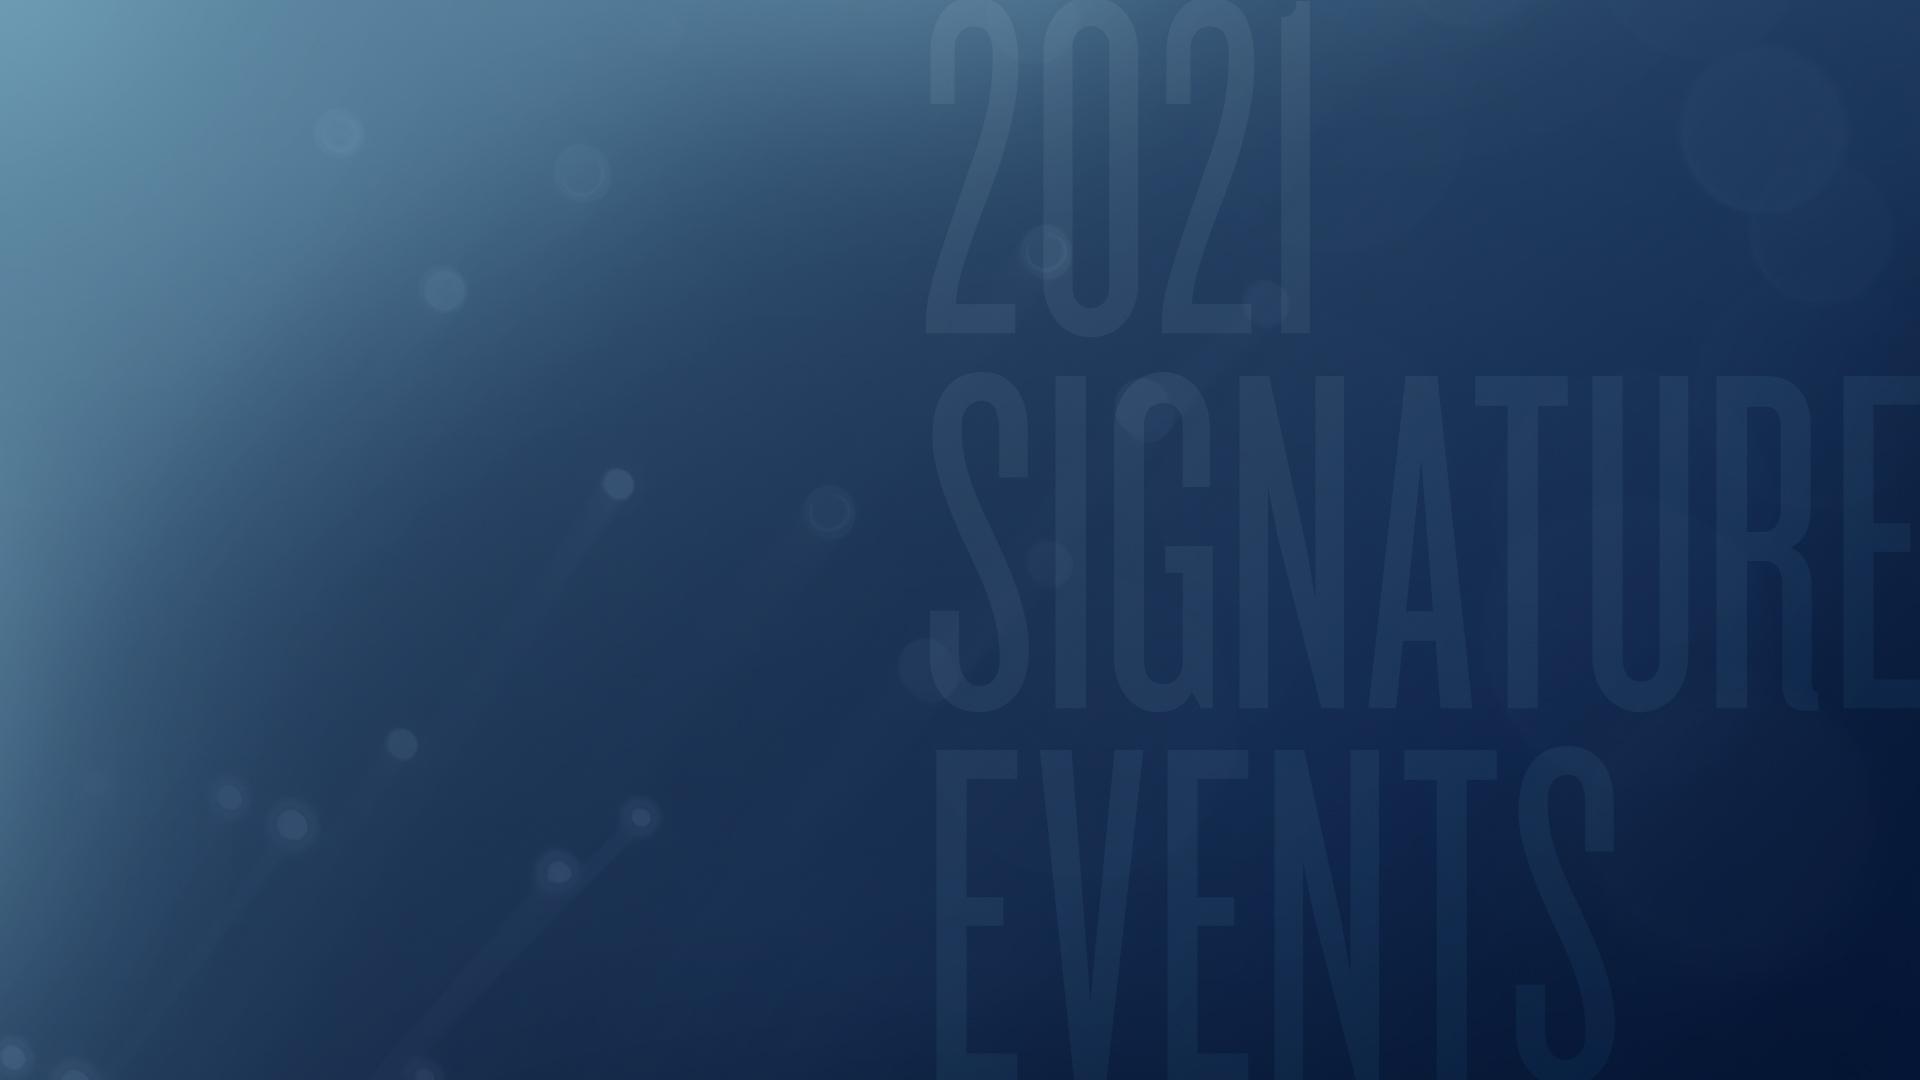 2021 Signature Events Lineup